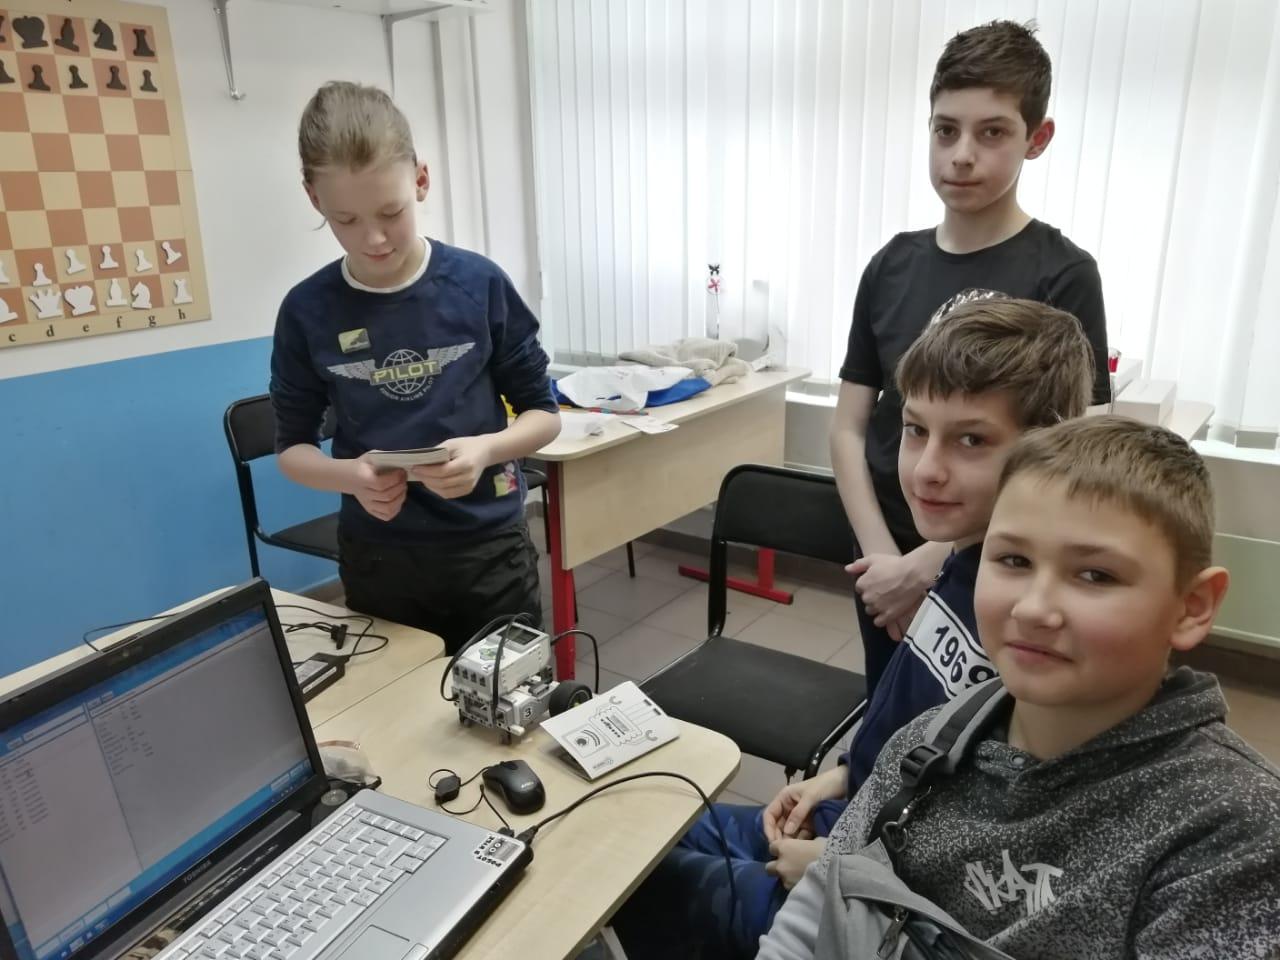 Мастер-класс по электронике в клубе Пилот